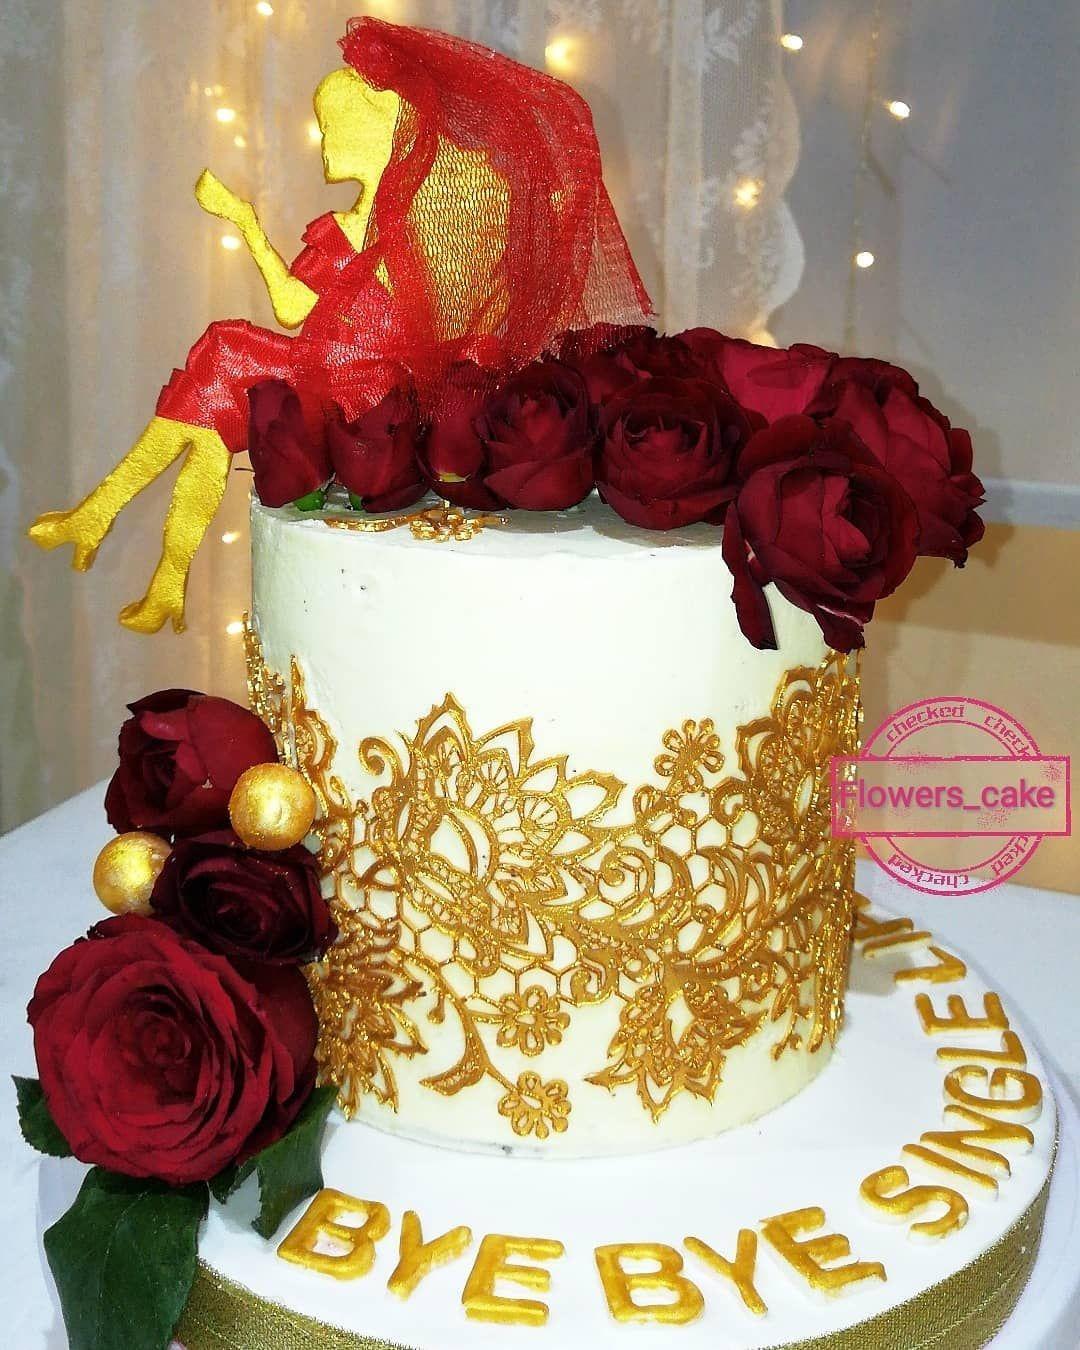 ماشاء الله كيكة توديع عزوبية مبروك عروستنا الجميلة حلويات حلا كيكات كيكاتي كيكات جده كيكات تخرج كويكز كيكة تخ Cake Birthday Cake Desserts